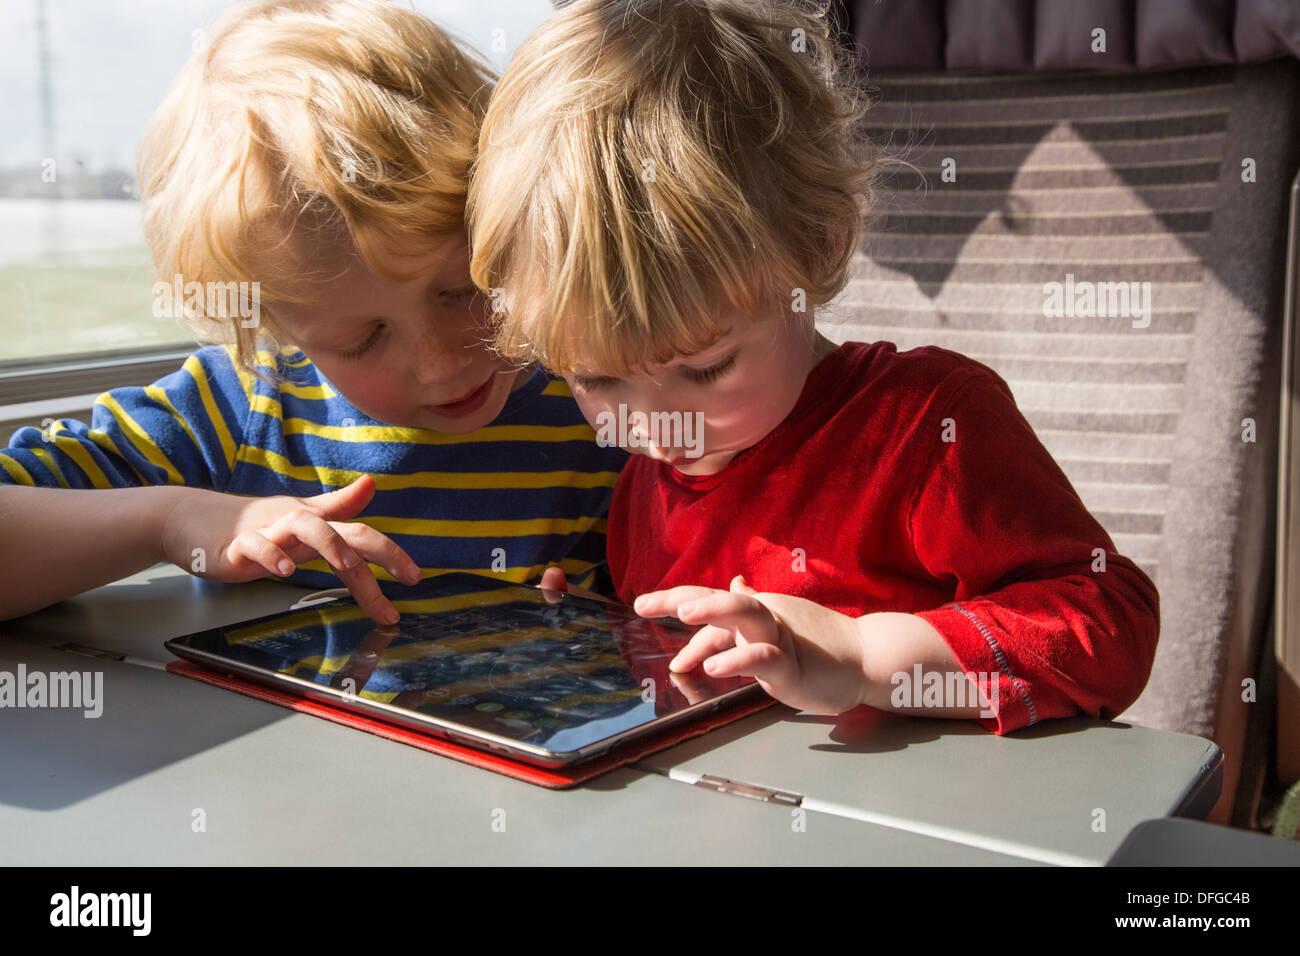 Deux frères jouant sur un iPad Photo Stock